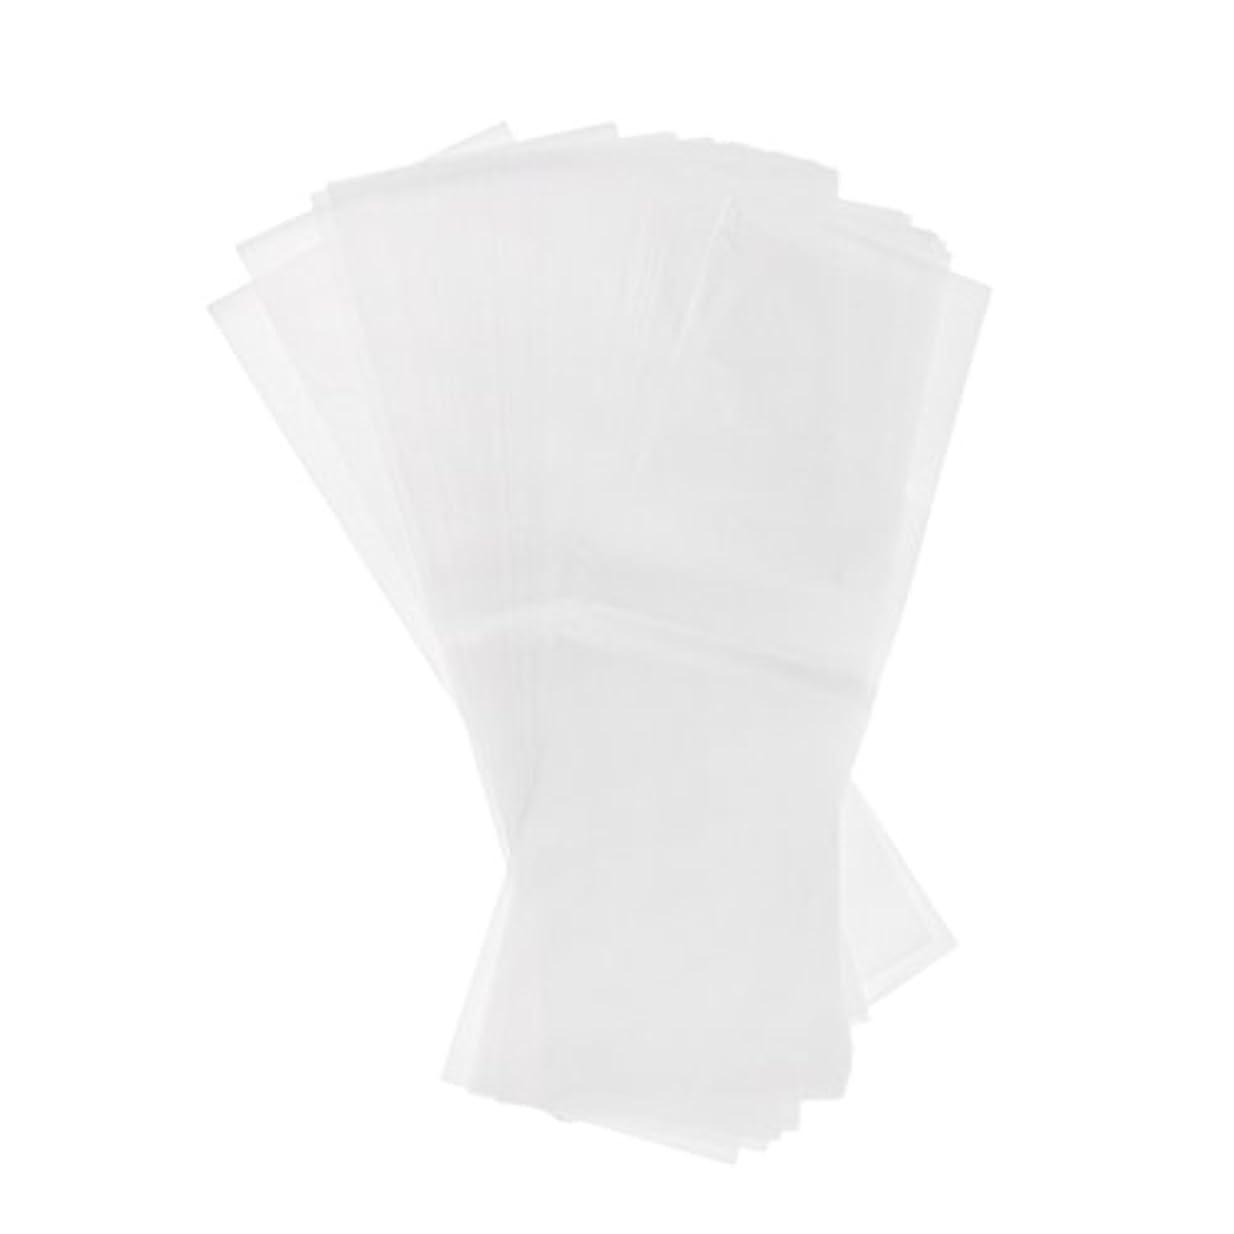 疑い者比較ささやき約100個 毛染め サロン プラスチック 染毛紙 色のハイライト 分離シート 再利用可能